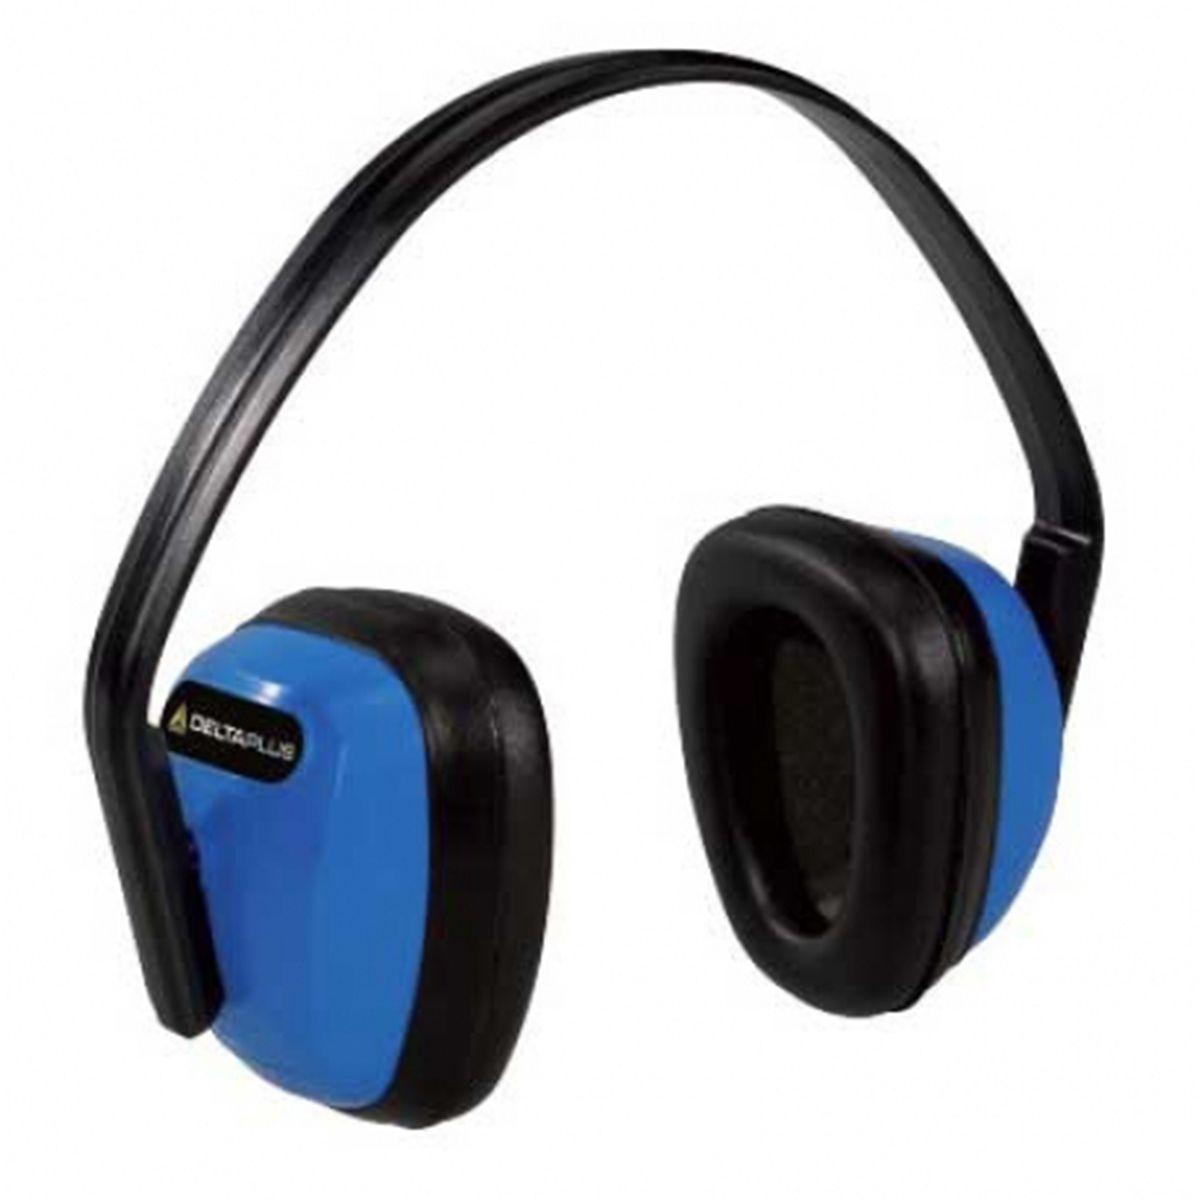 Abafador De Ruído Azul Spa3 Ca 34.964 Pro Safety